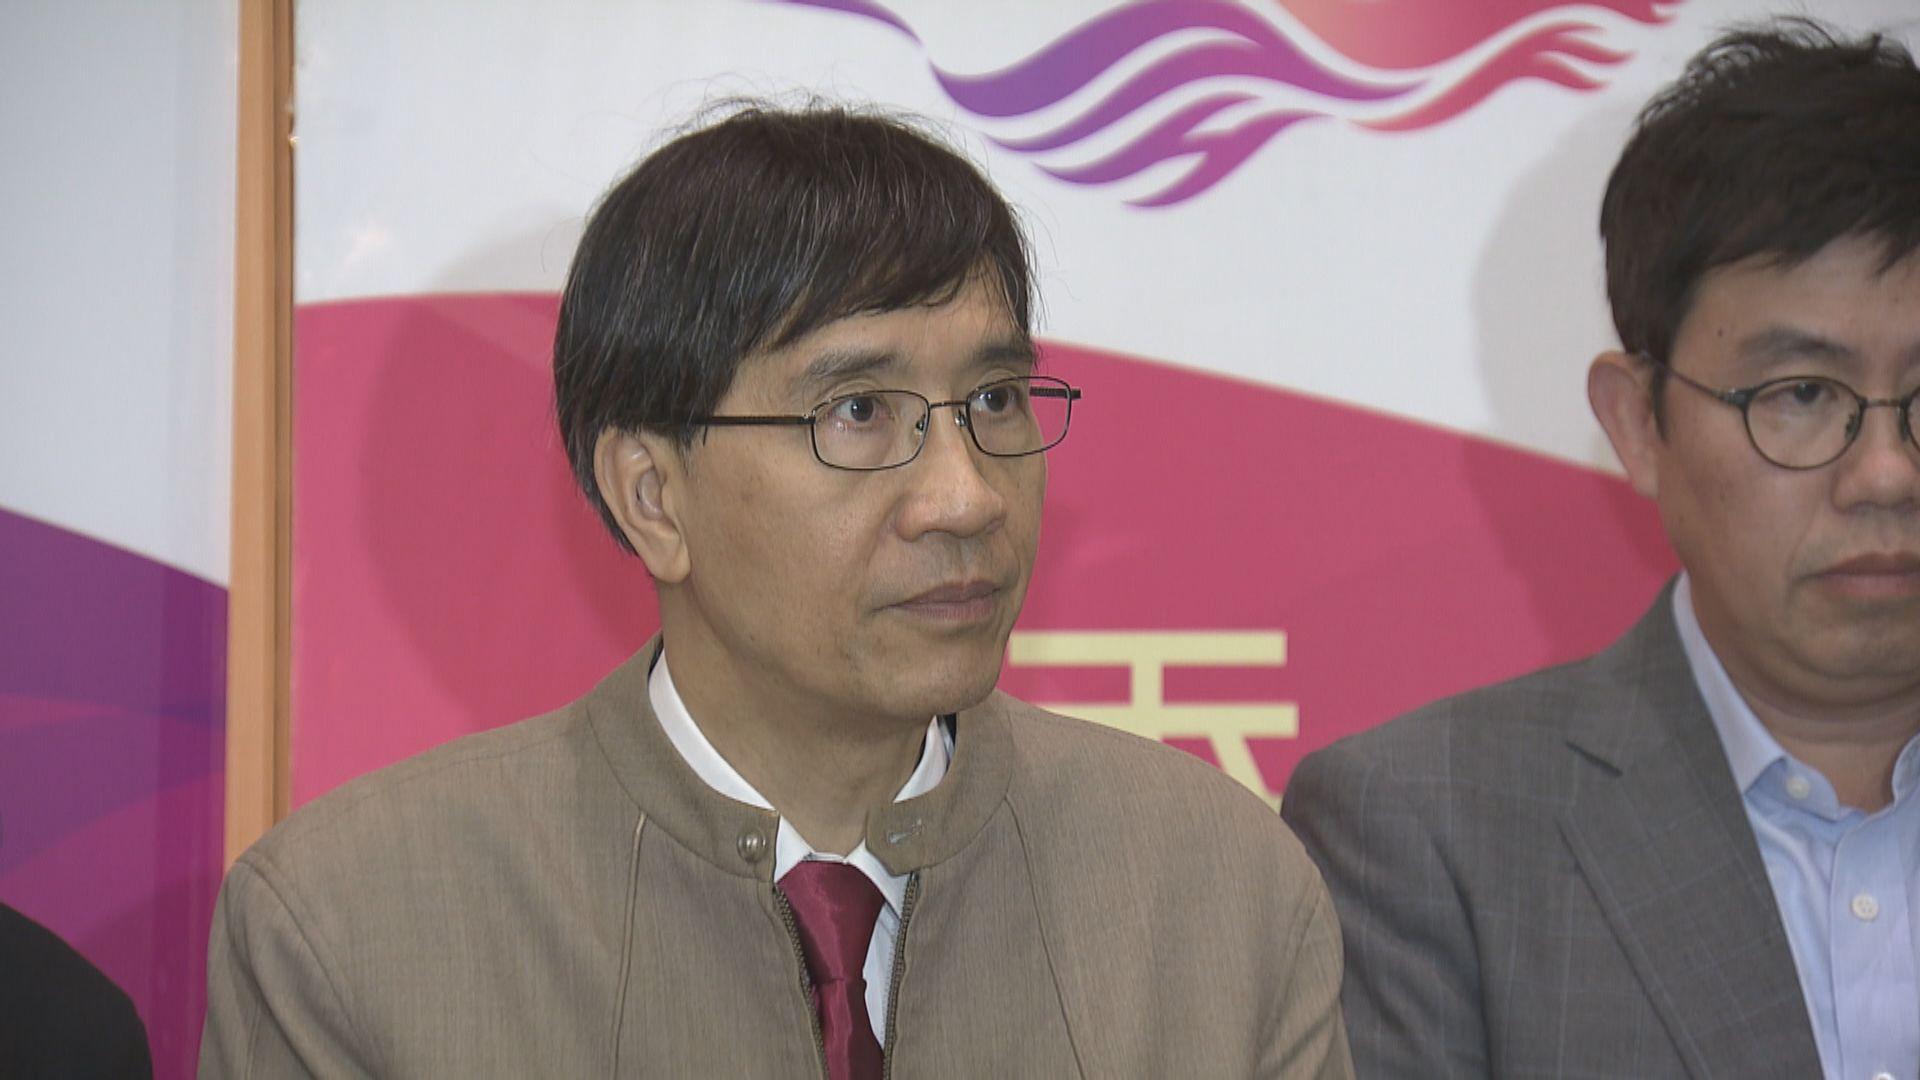 袁國勇:目前最重要防止第三波武漢新型肺炎出現